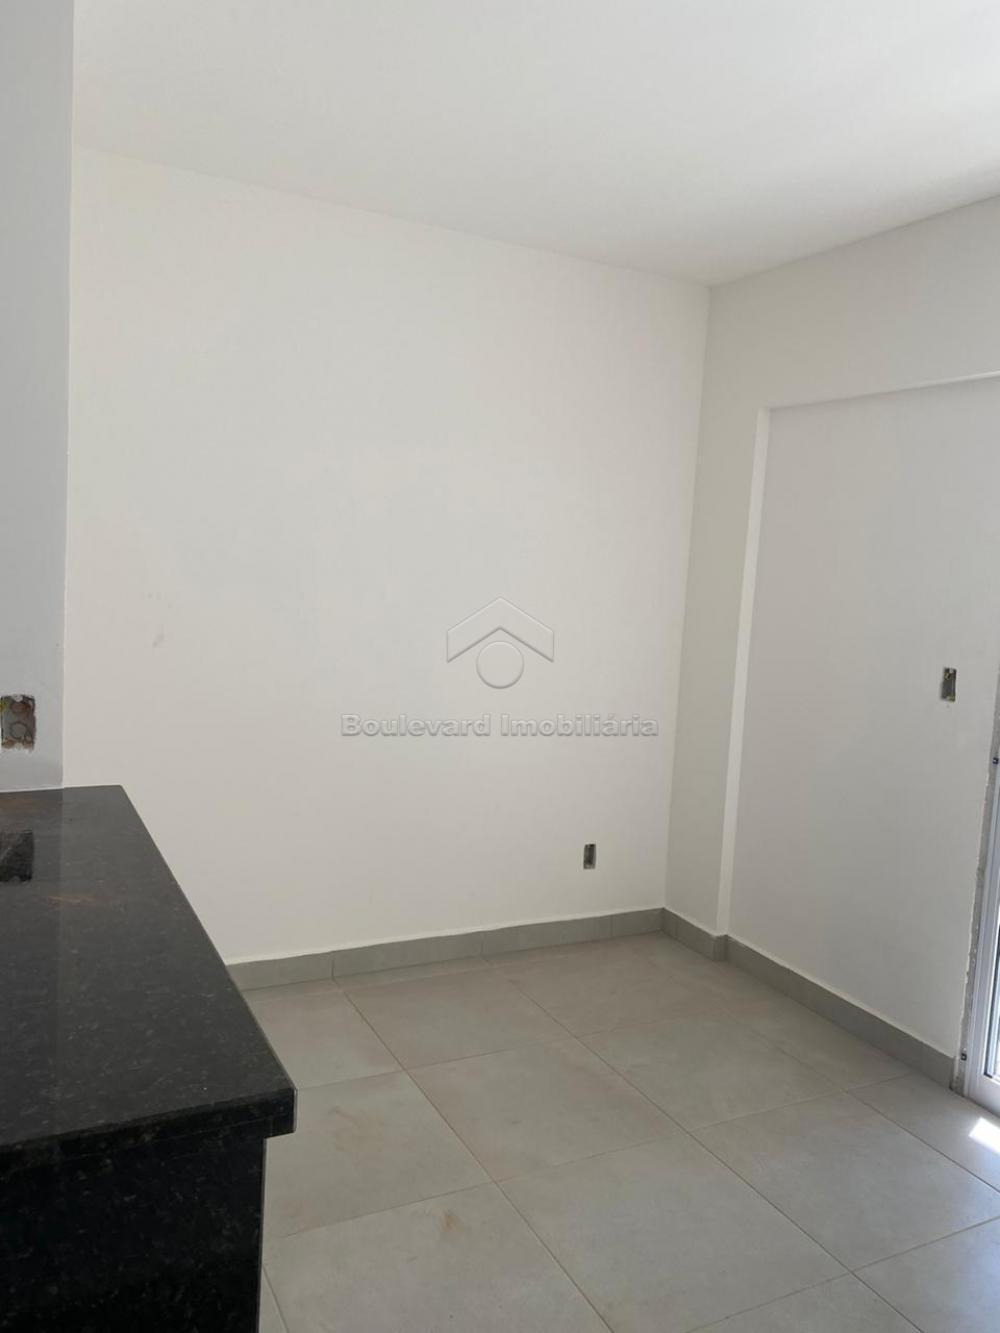 Alugar Apartamento / Padrão em Ribeirão Preto R$ 1.000,00 - Foto 2